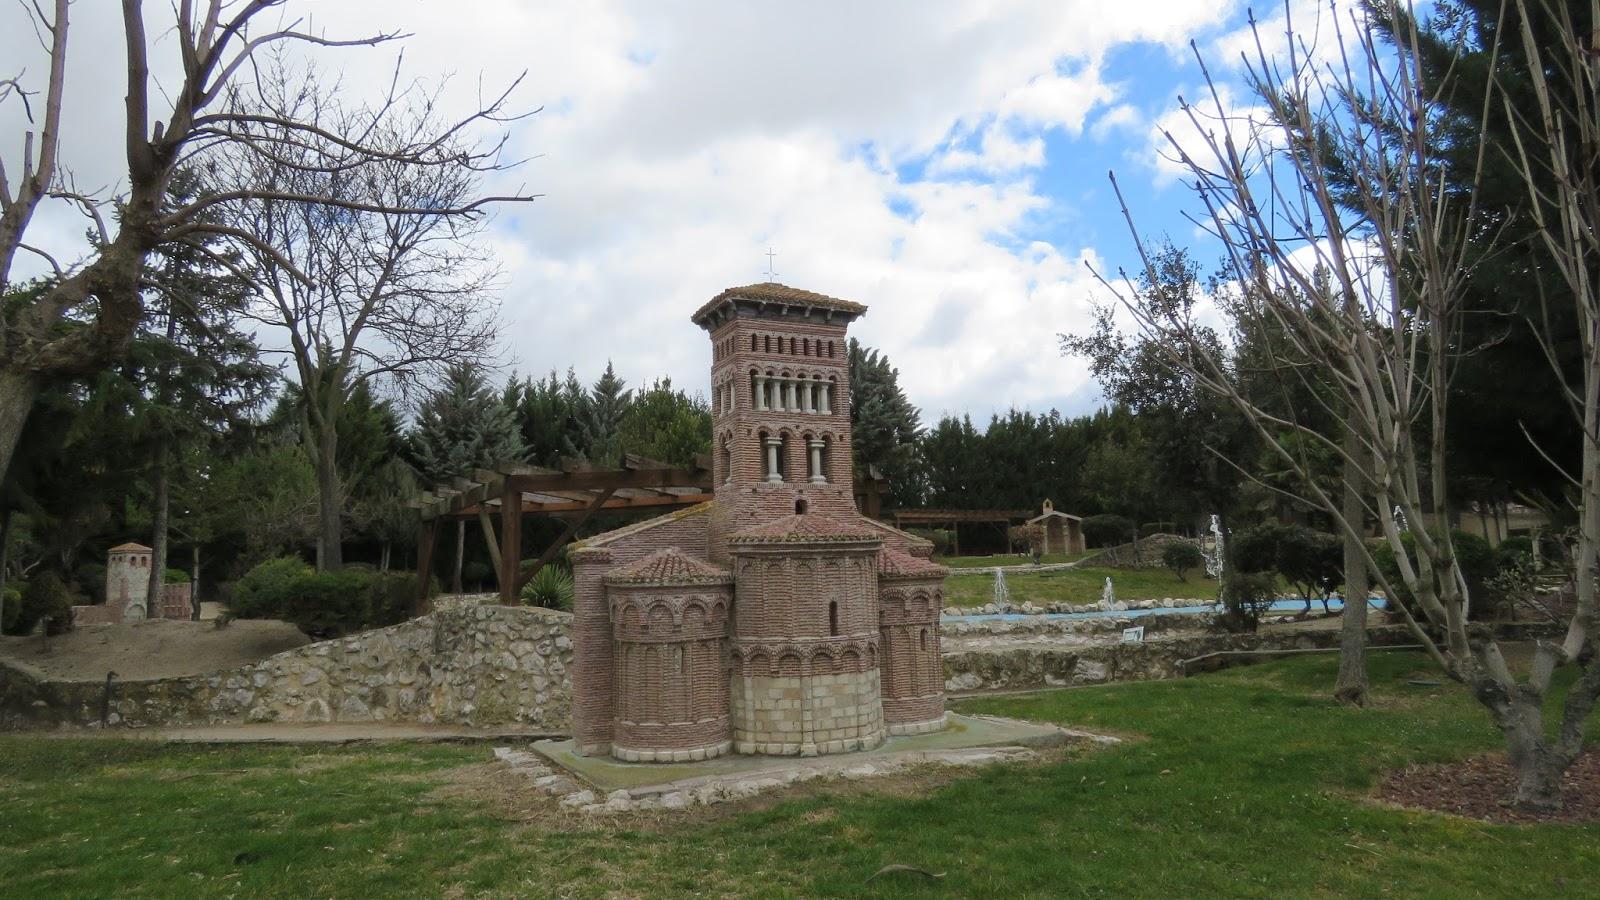 Visitando el parque tem tico del mud jar de olmedo for Jardines olmedo